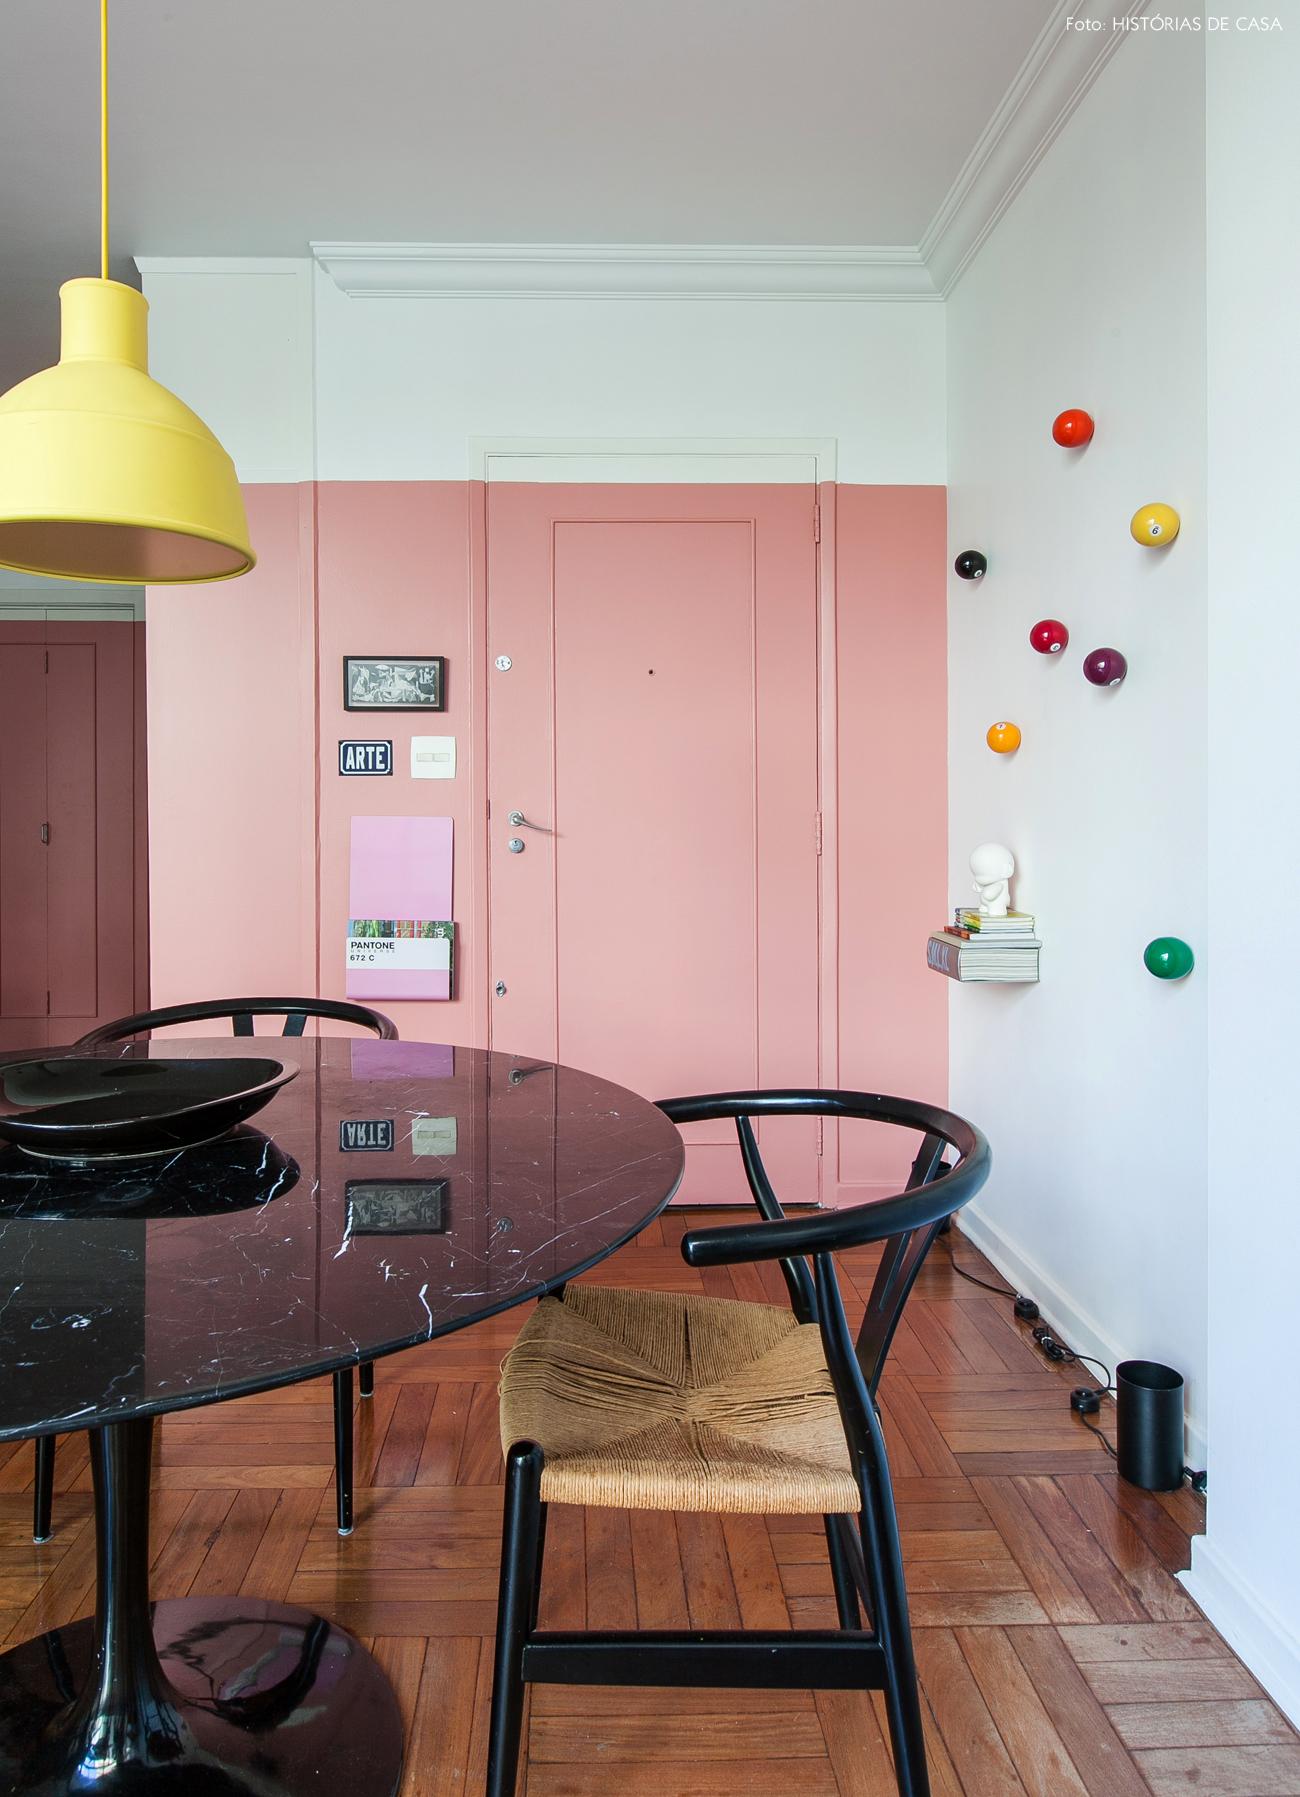 O poder das cores na decoraç u00e3o Pintura criativa Histórias de Casa # Decoração De Montras Em Ingles